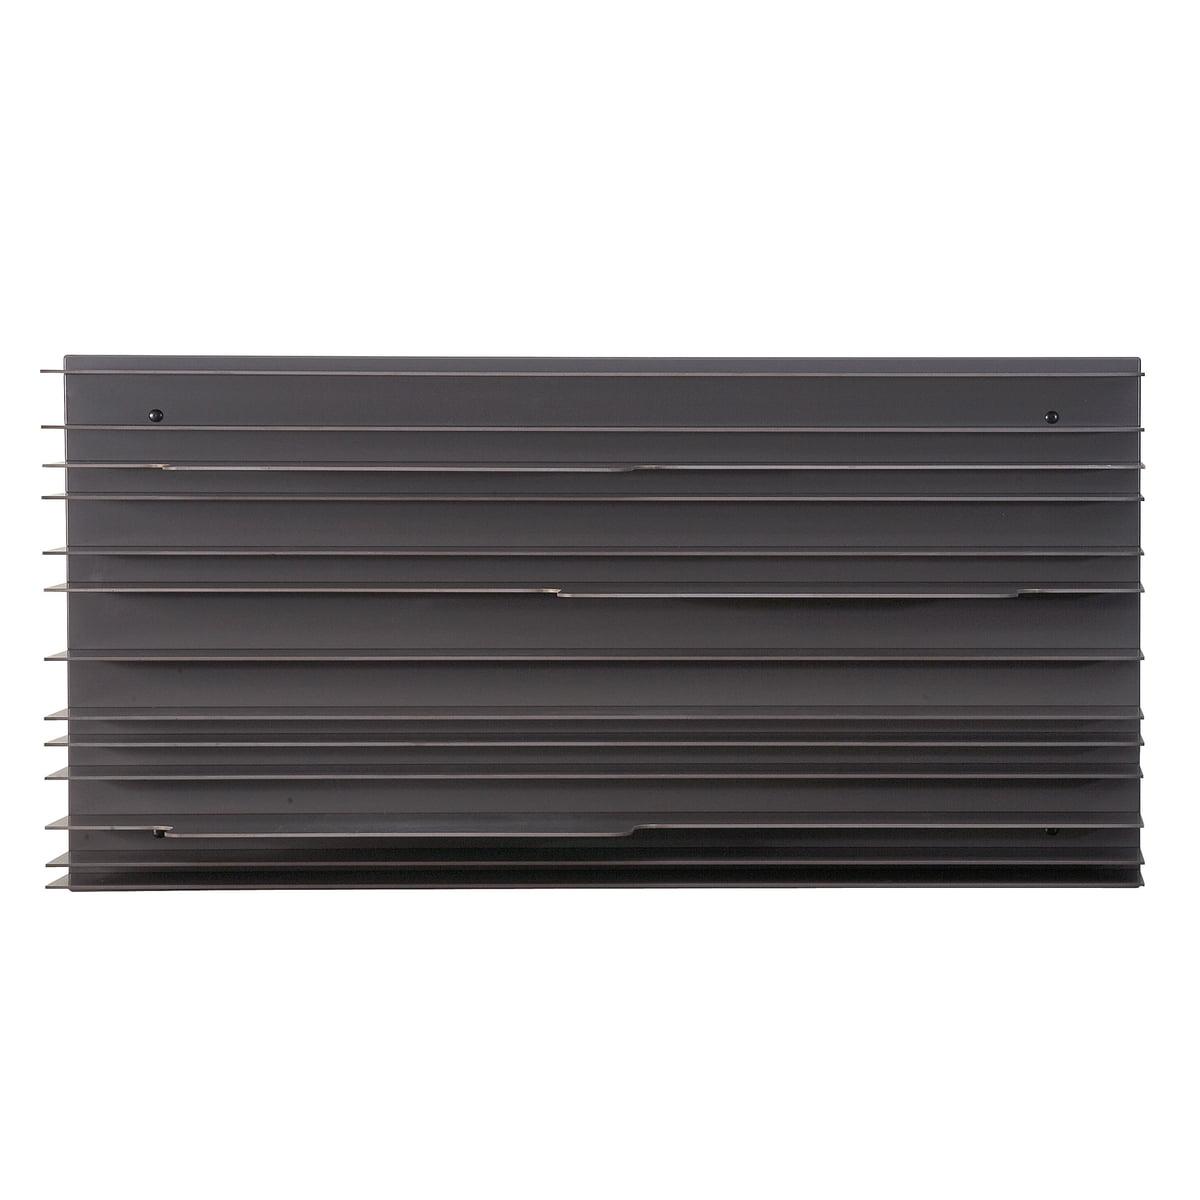 spectrum - Paperback Regalsystem (anthrazit), 120 x 60 cm | Wohnzimmer > Regale > Regalsysteme | Spectrum